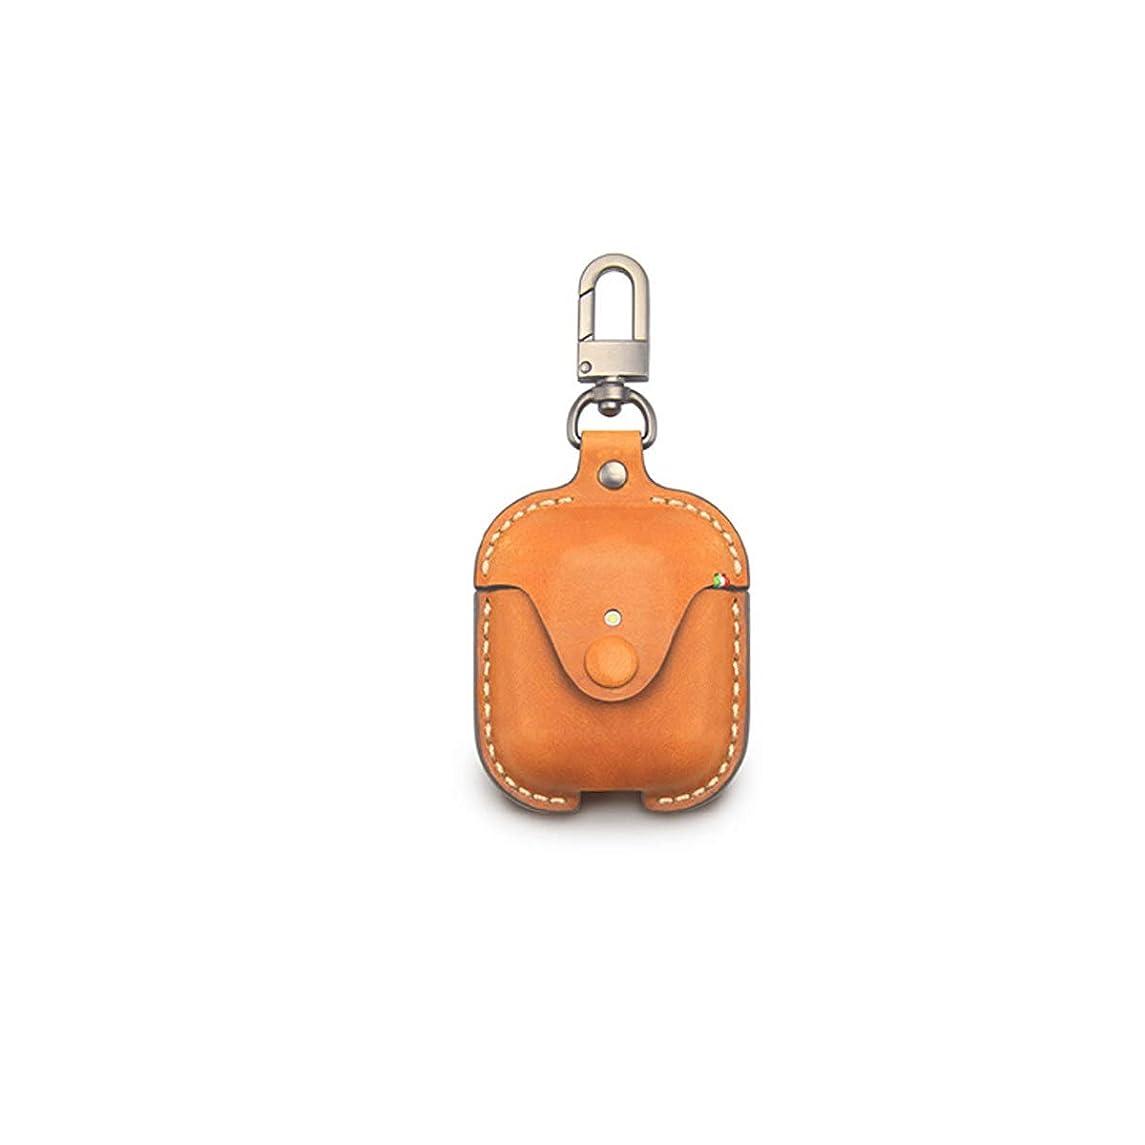 トラクター妥協ヒュームZHIC 1&2充電ケース用本革保護カバーケース[ワイヤレス充電対応] Good taste, good life (Color : Brown)